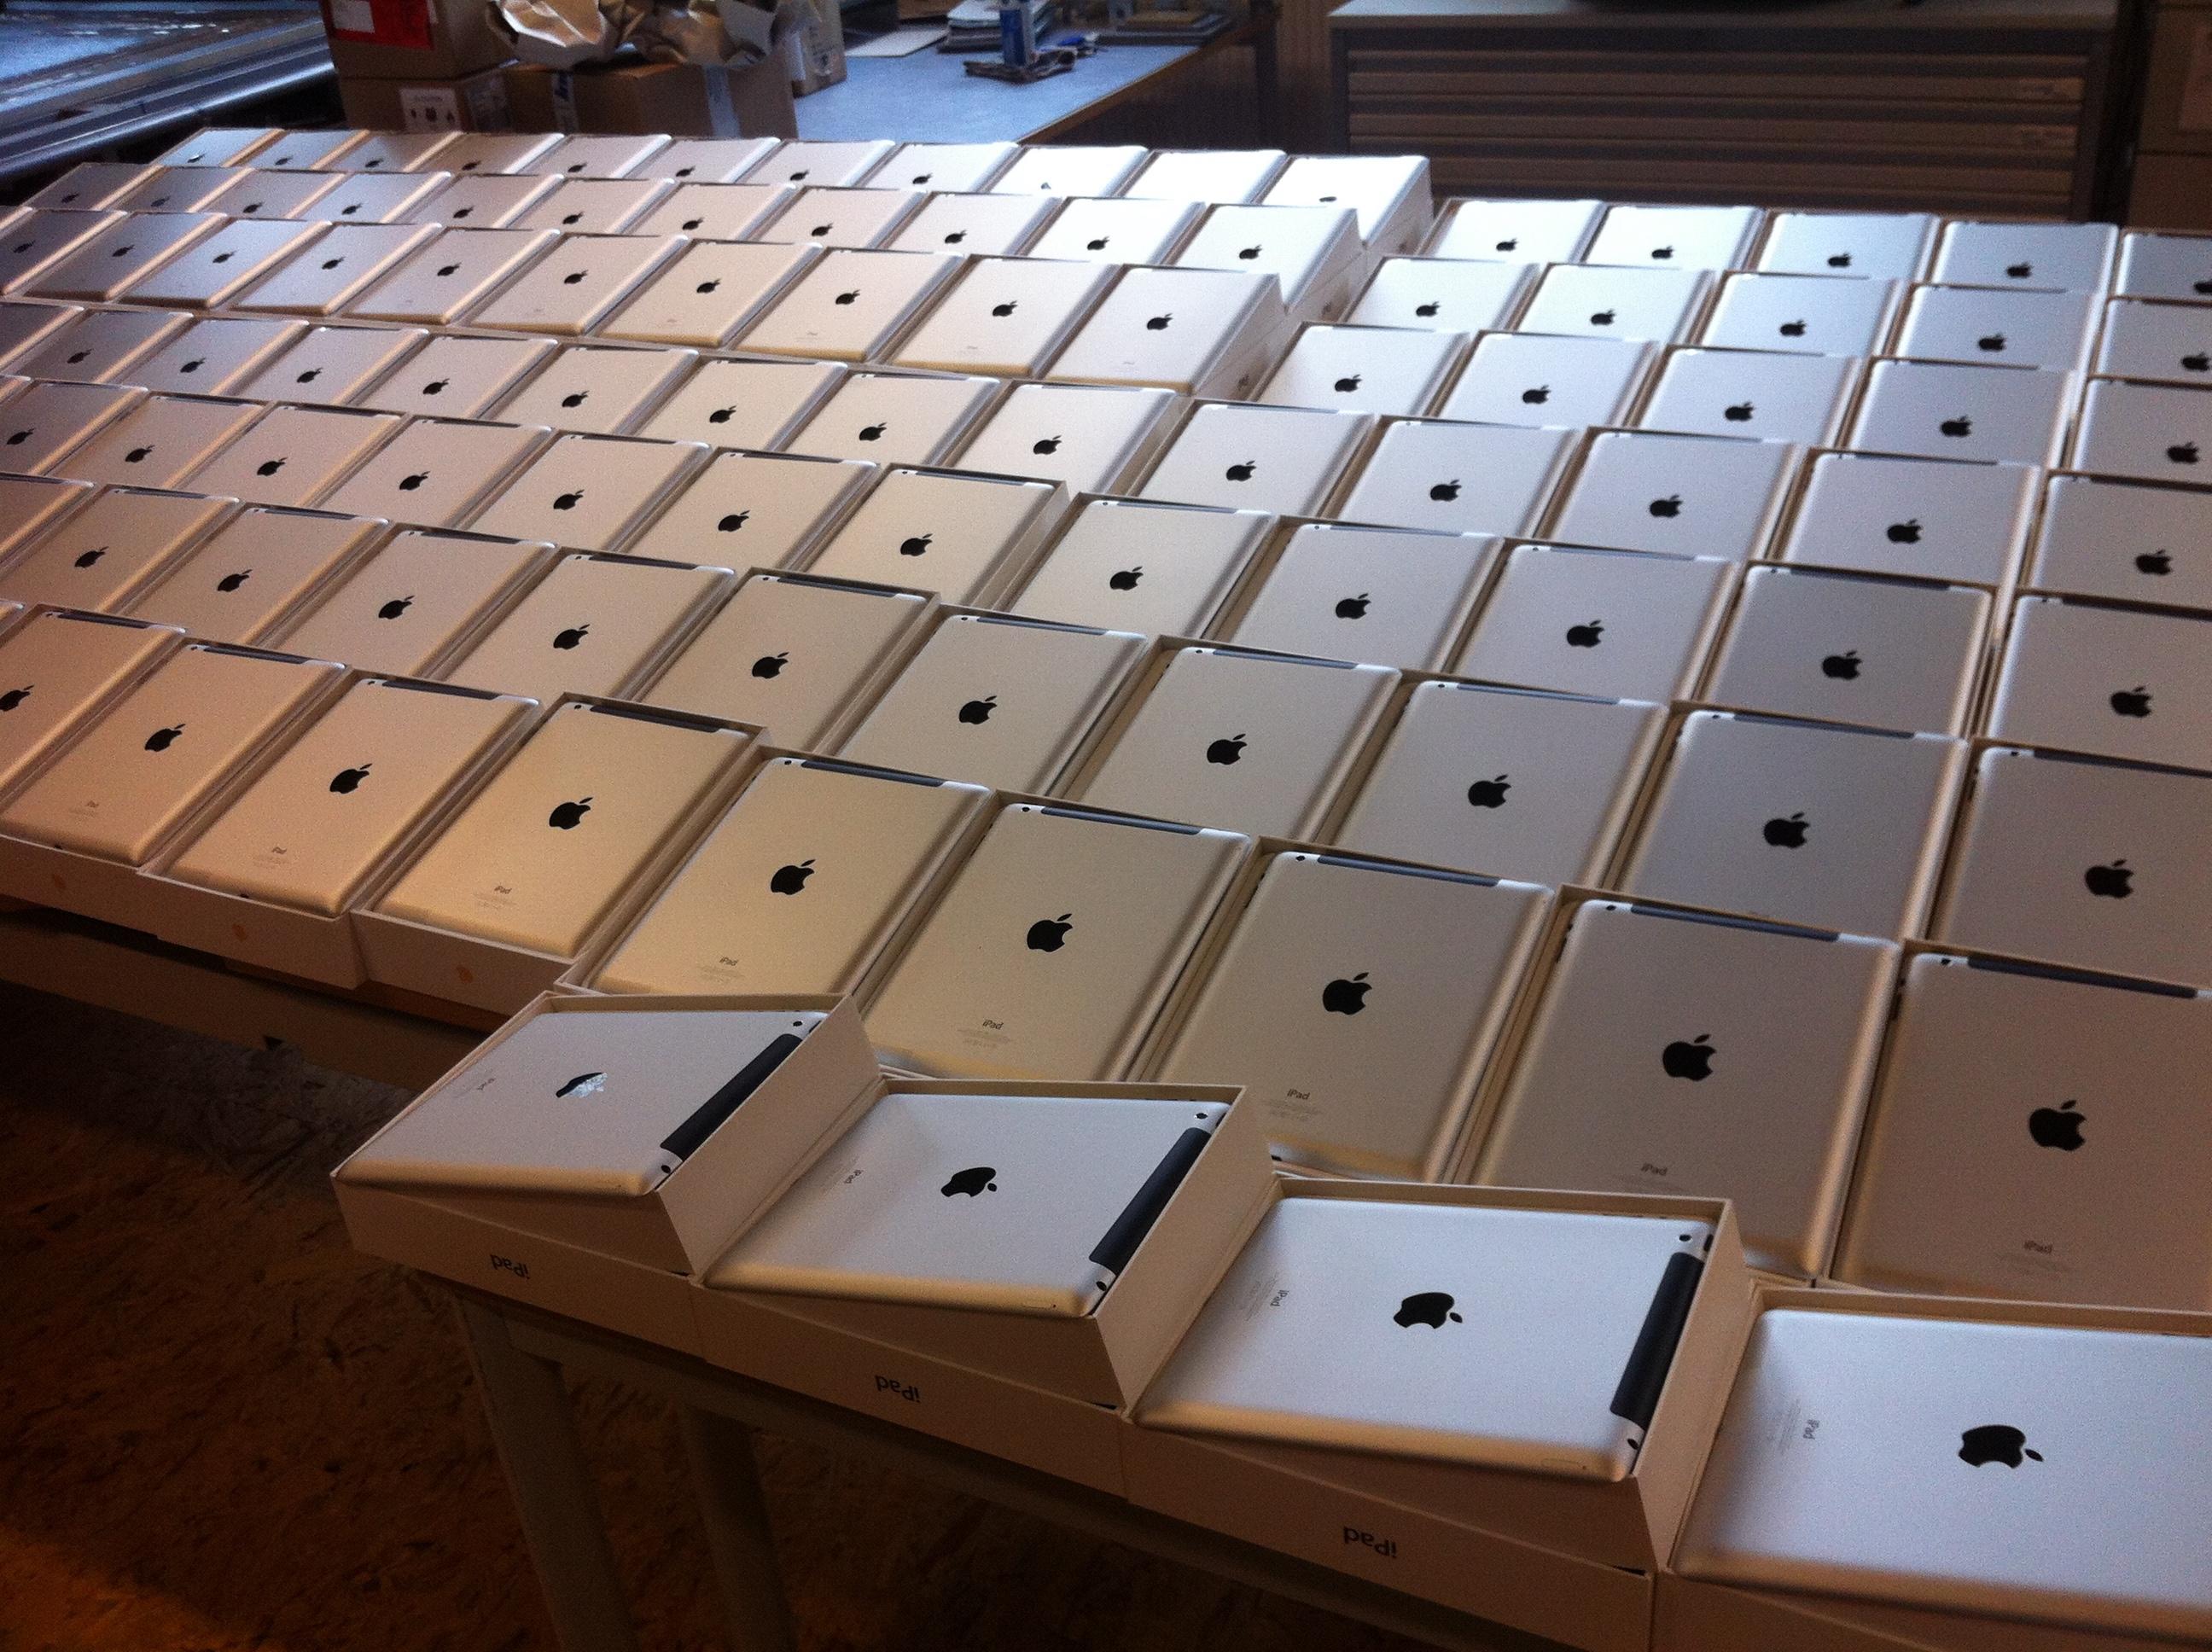 iPads aufgereiht für Branding